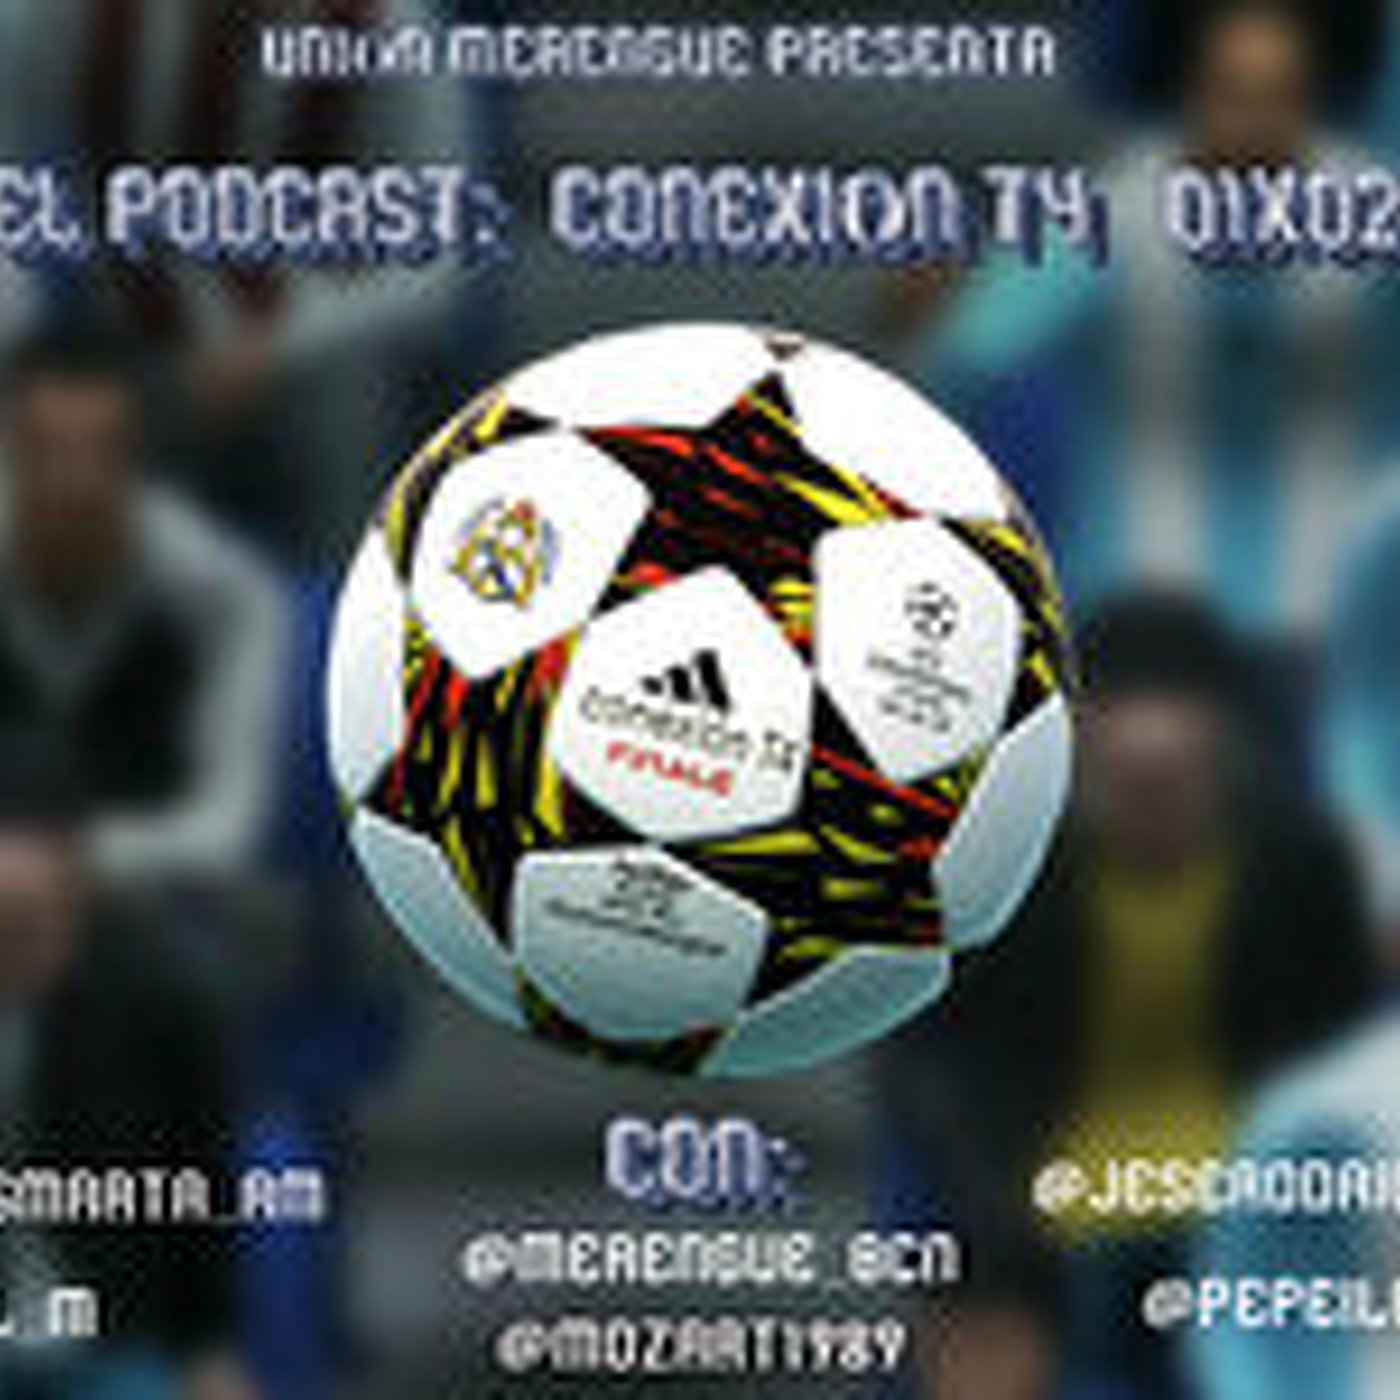 Podcast Conexion T4 :1X02